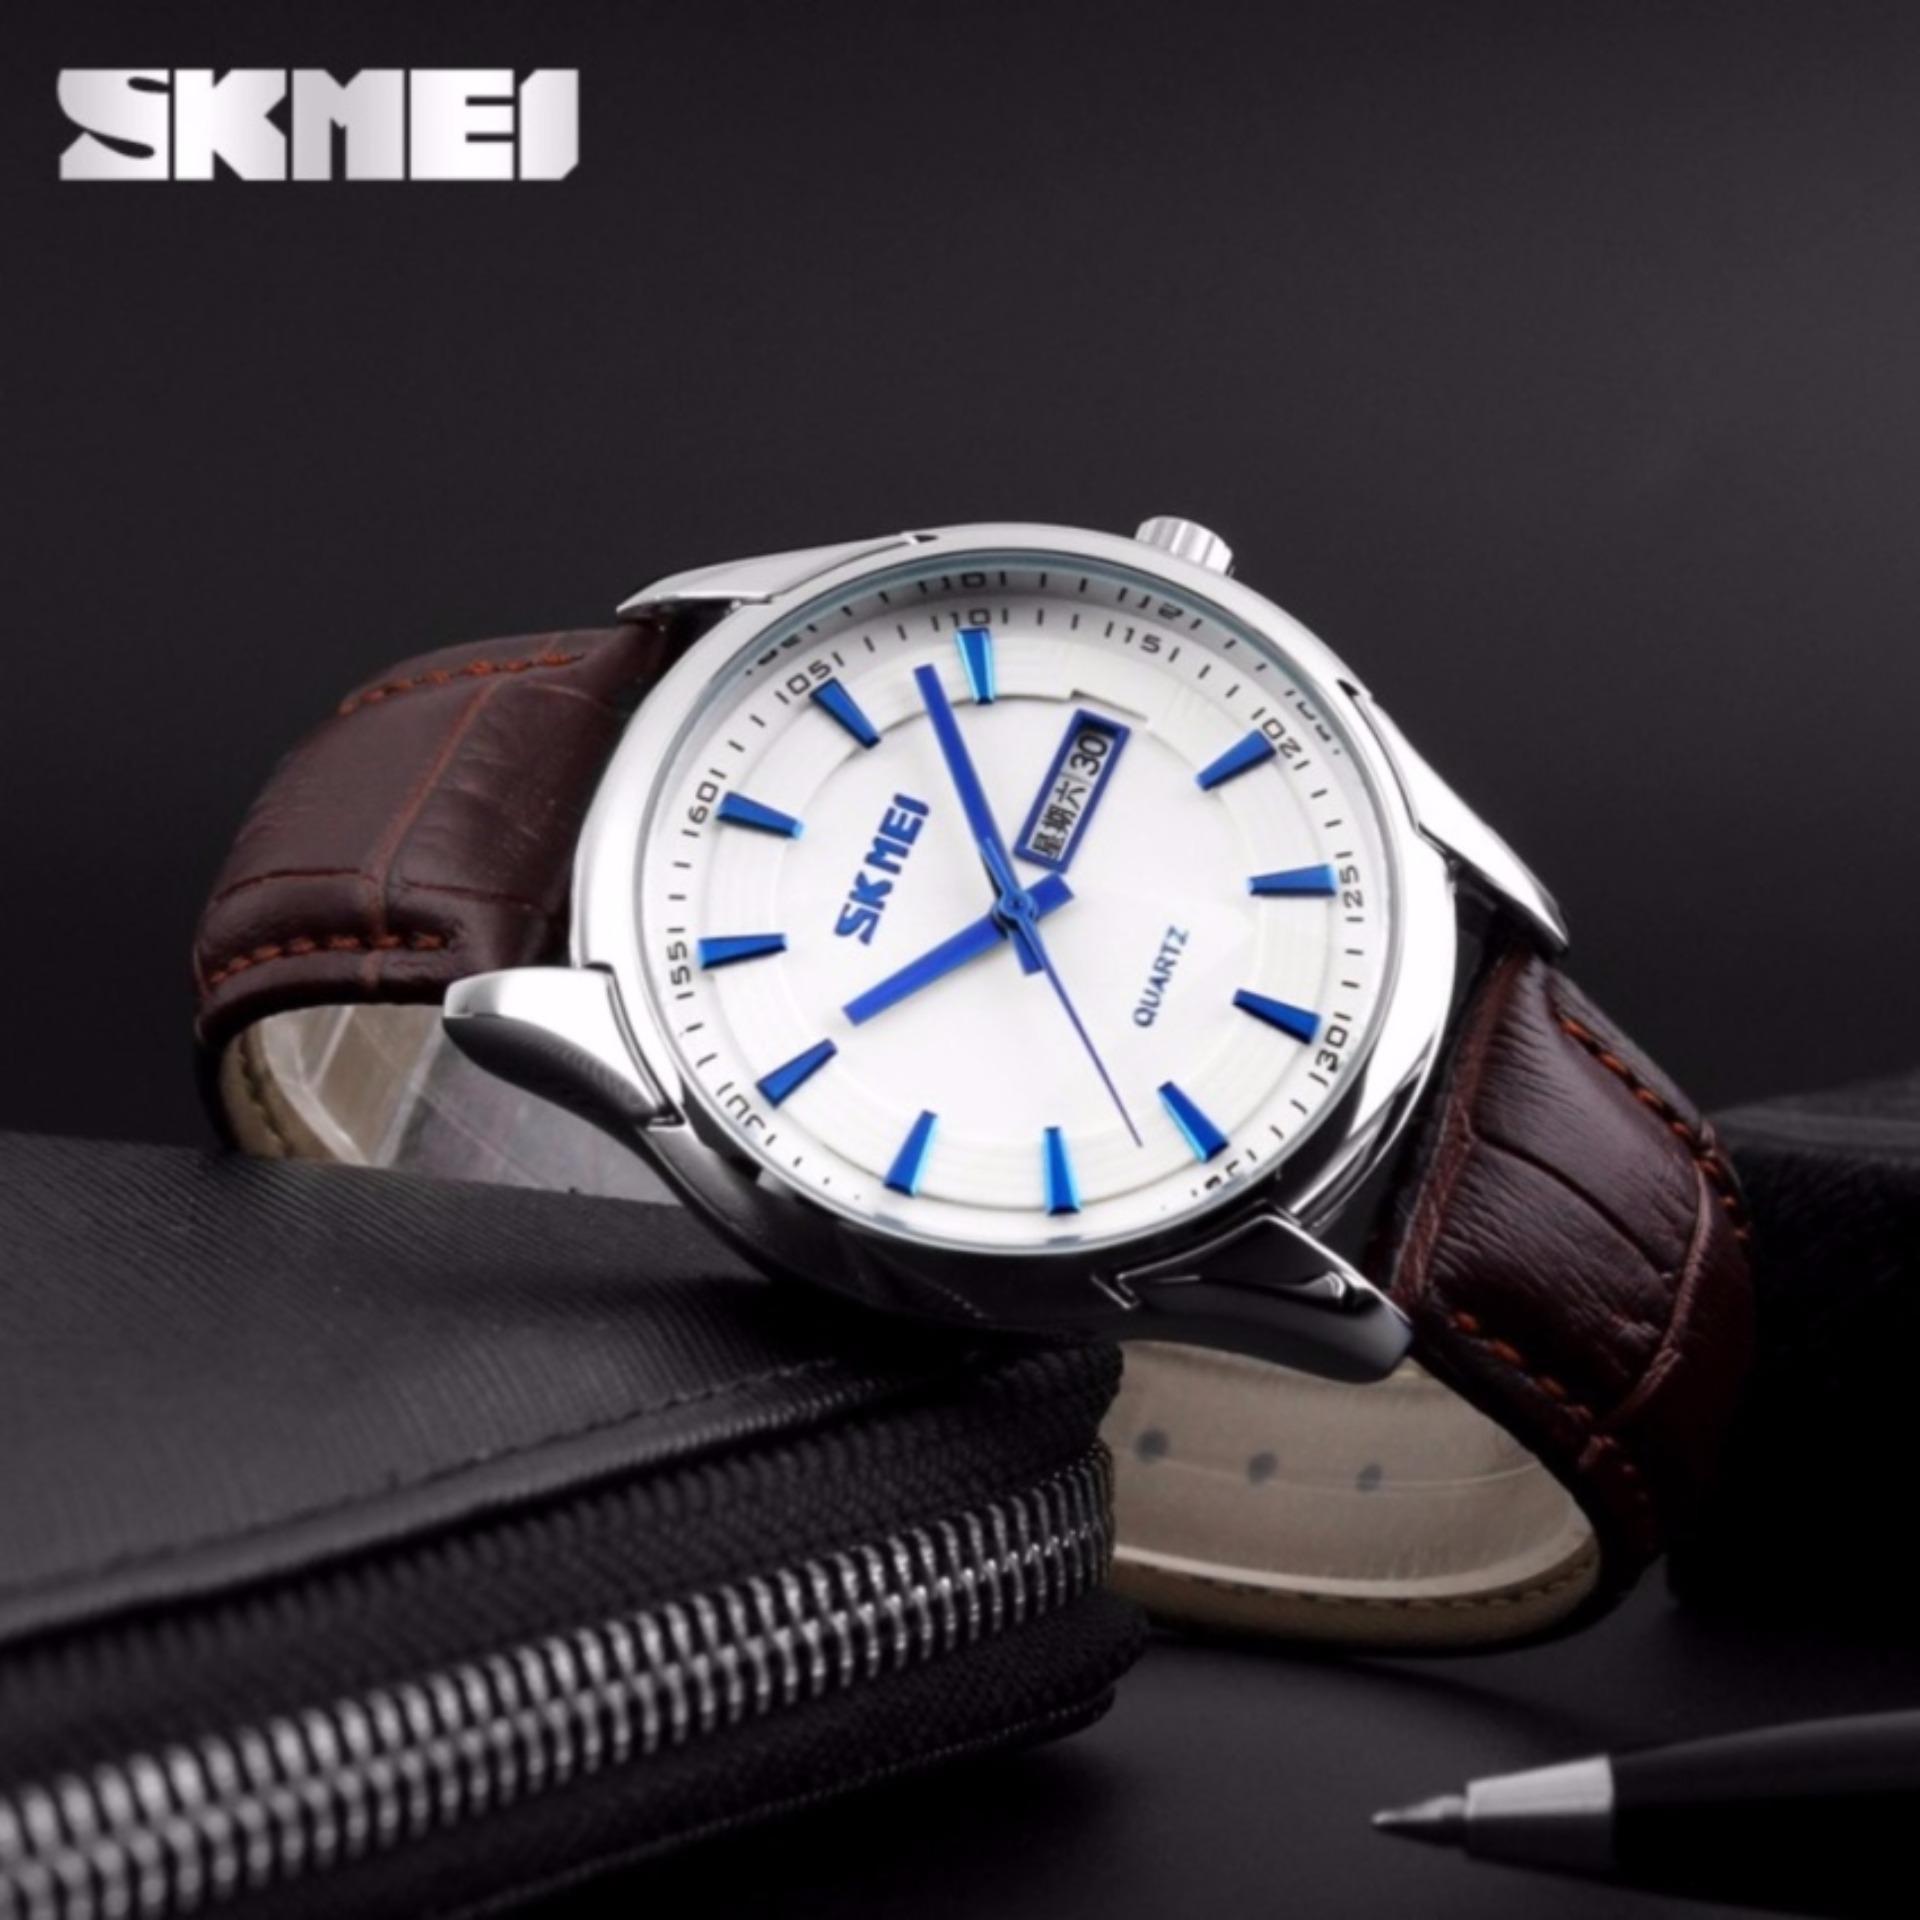 Skmei Casual Men Strap Watch 9070cl Water Resistant Anti Air Wr 30m Jam Tangan Pria Analog Keren 9069cs 9125cs Tali